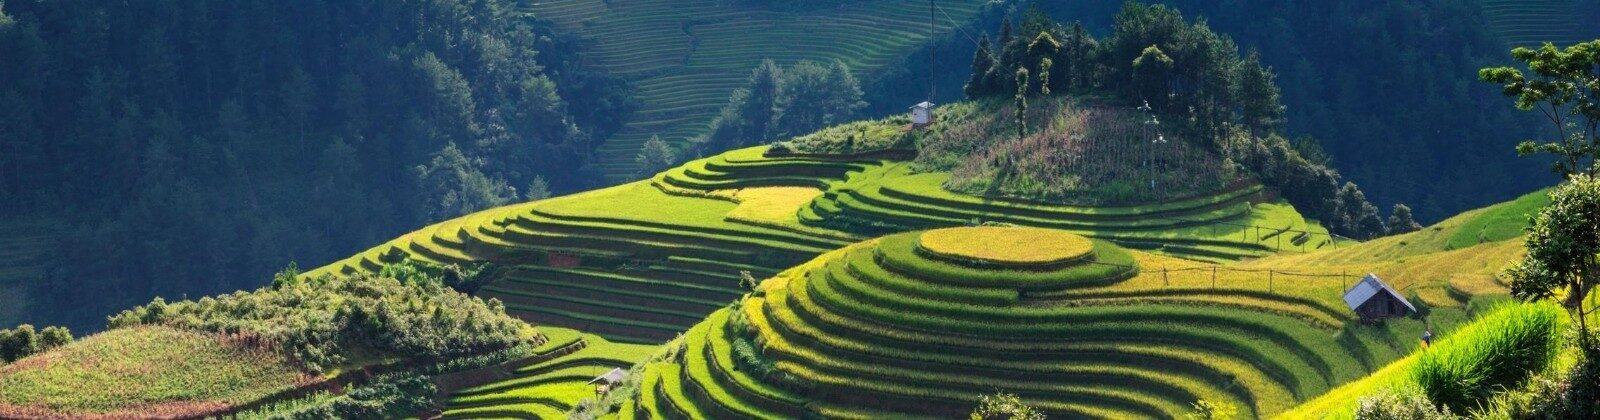 rice fields in mountains vietnam